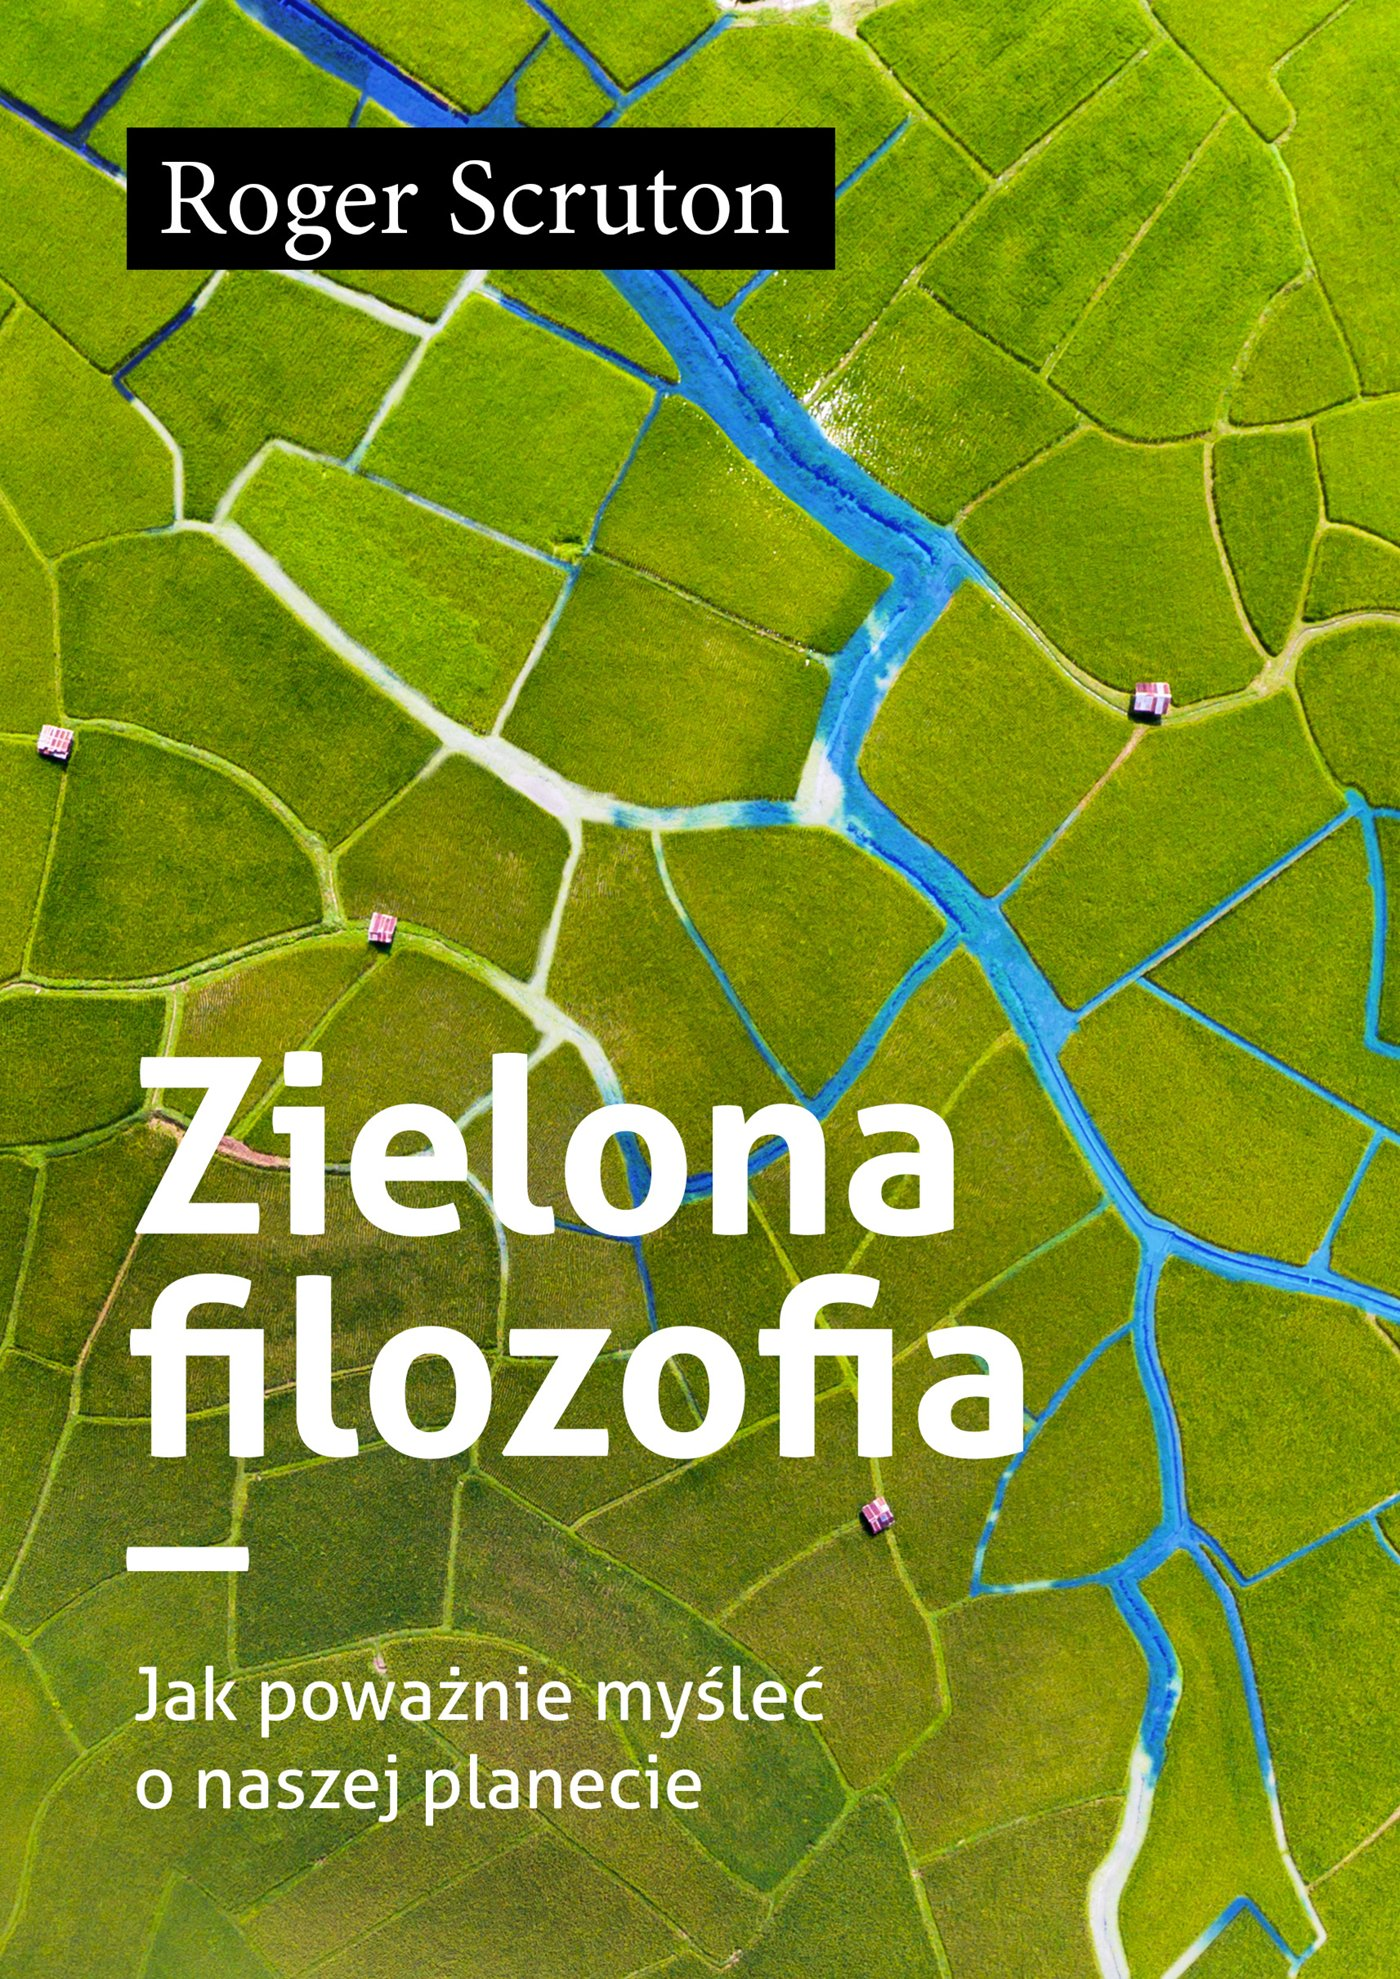 Zielona filozofia.  Jak poważnie myśleć o naszej planecie - Ebook (Książka na Kindle) do pobrania w formacie MOBI